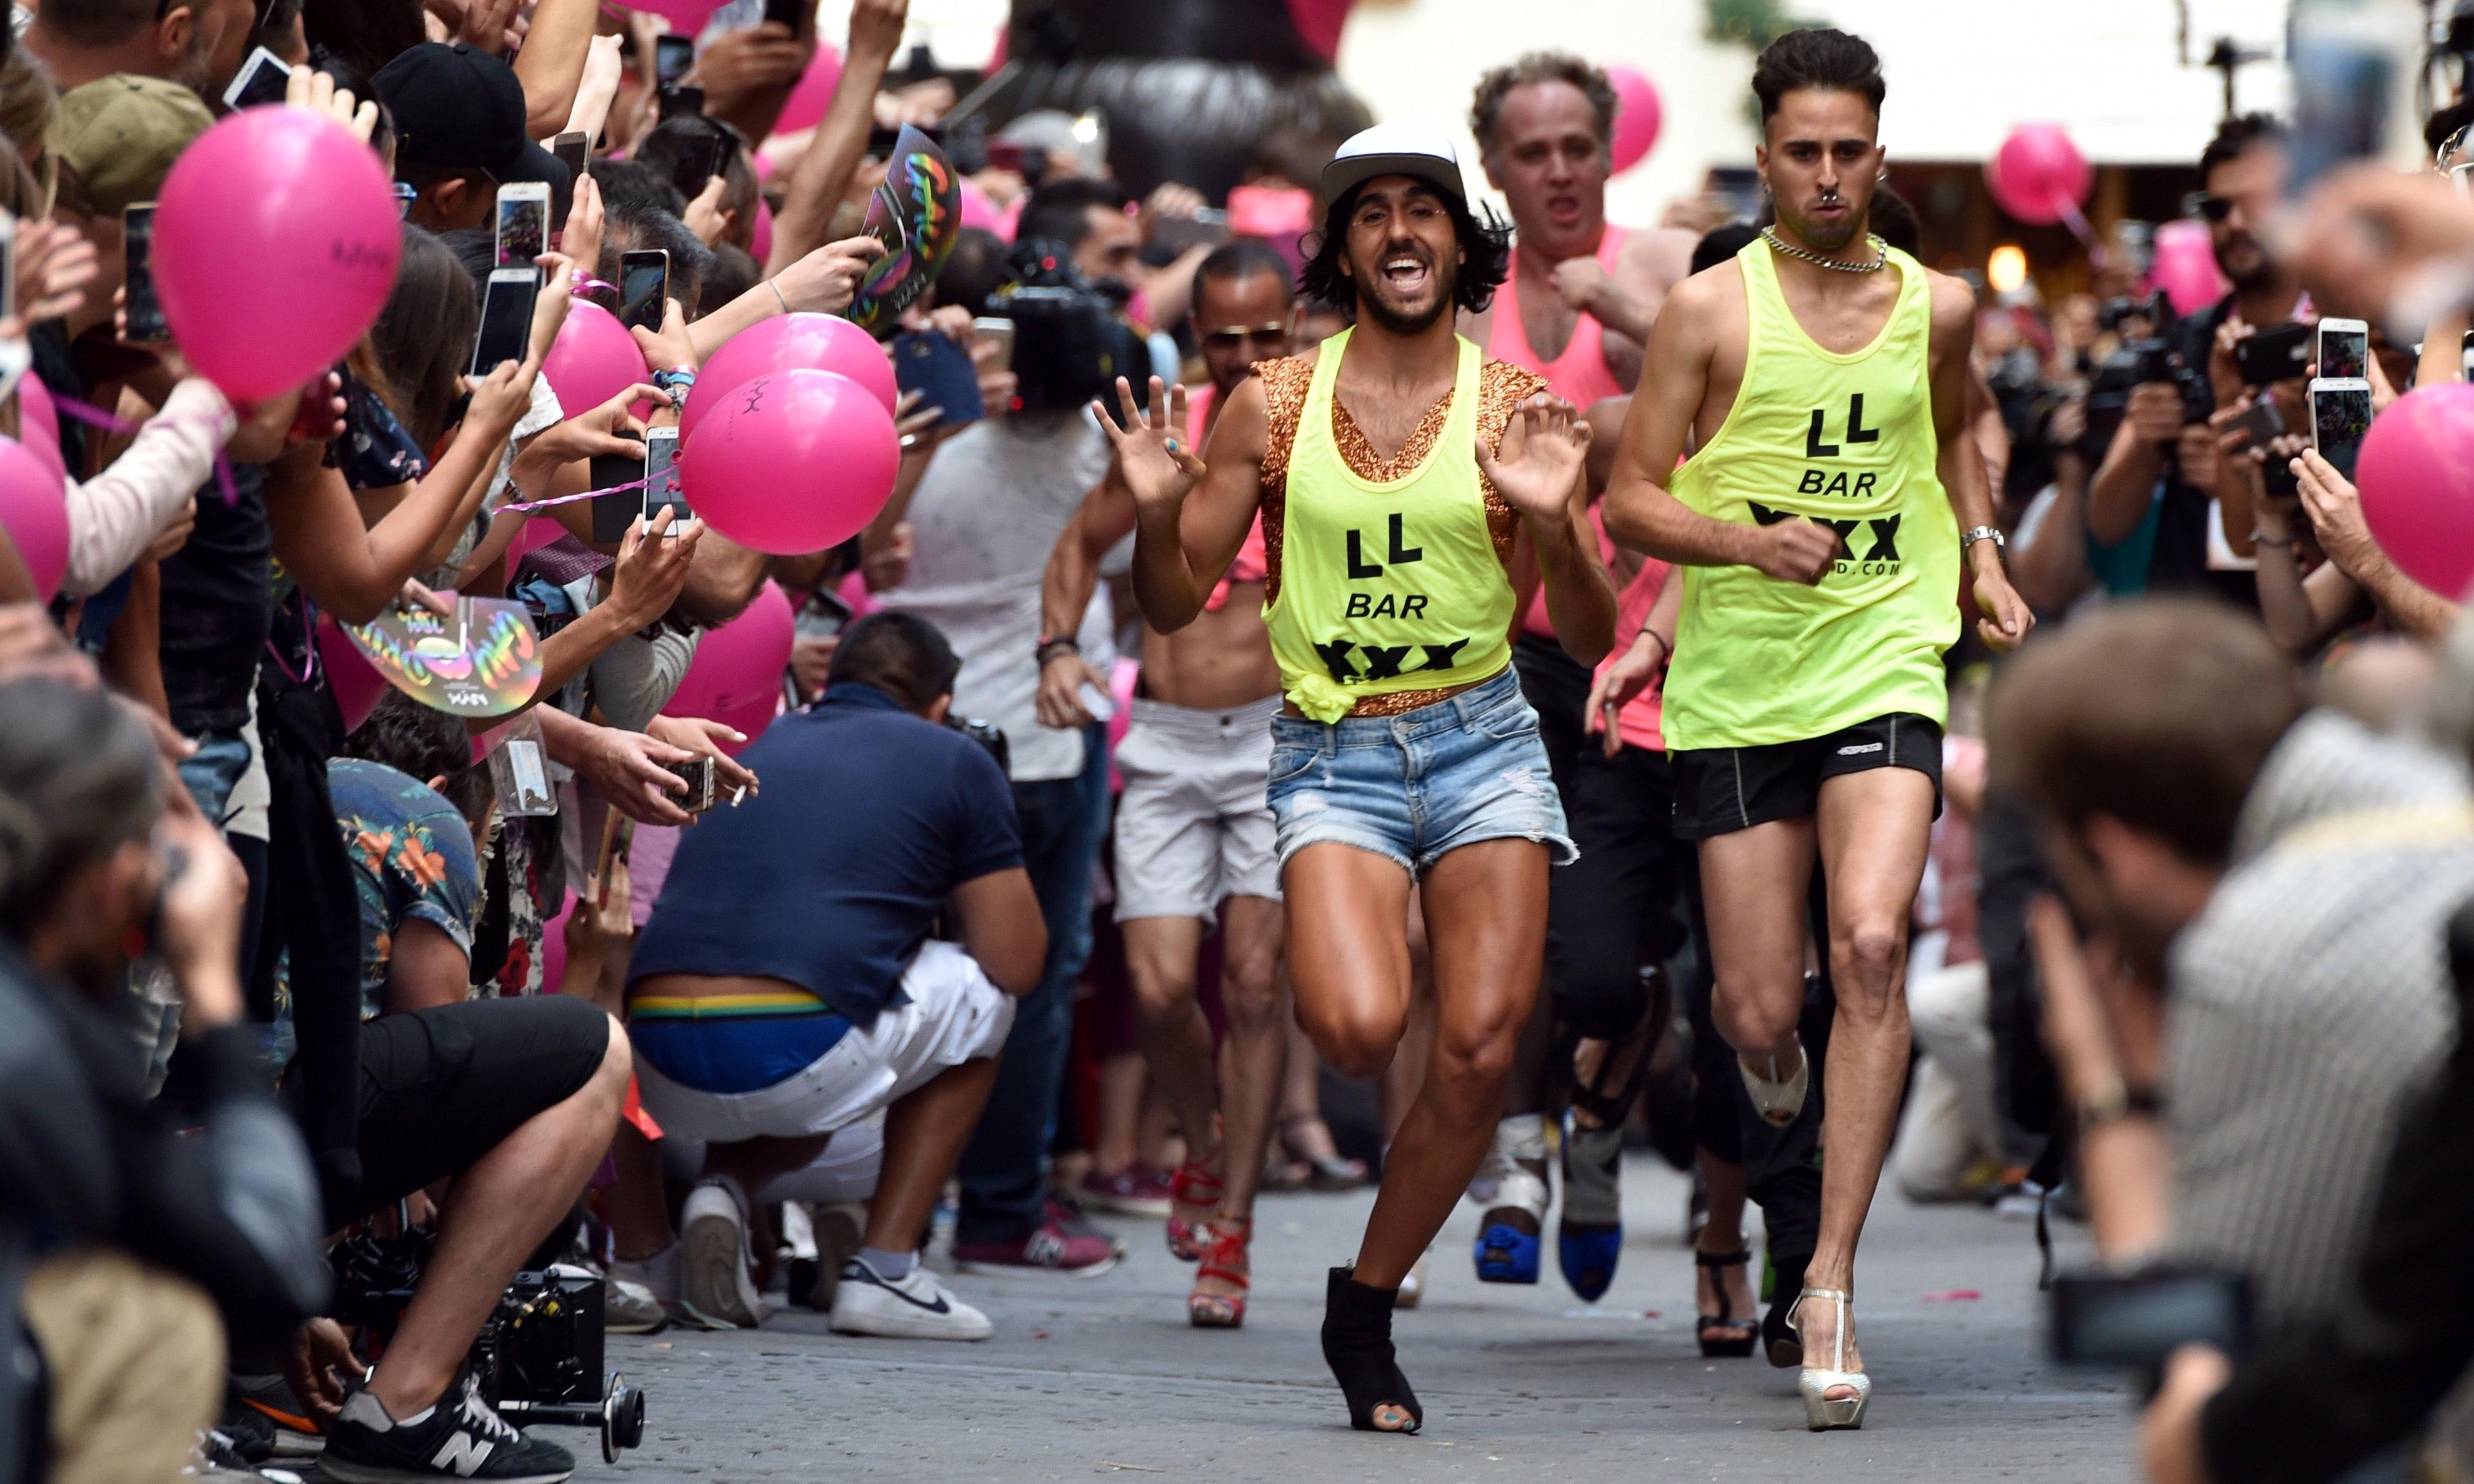 İzleyin: Erkekler Madrid Pride Etkinliğinde Topuklu Ayakkabılarla Yarıştı